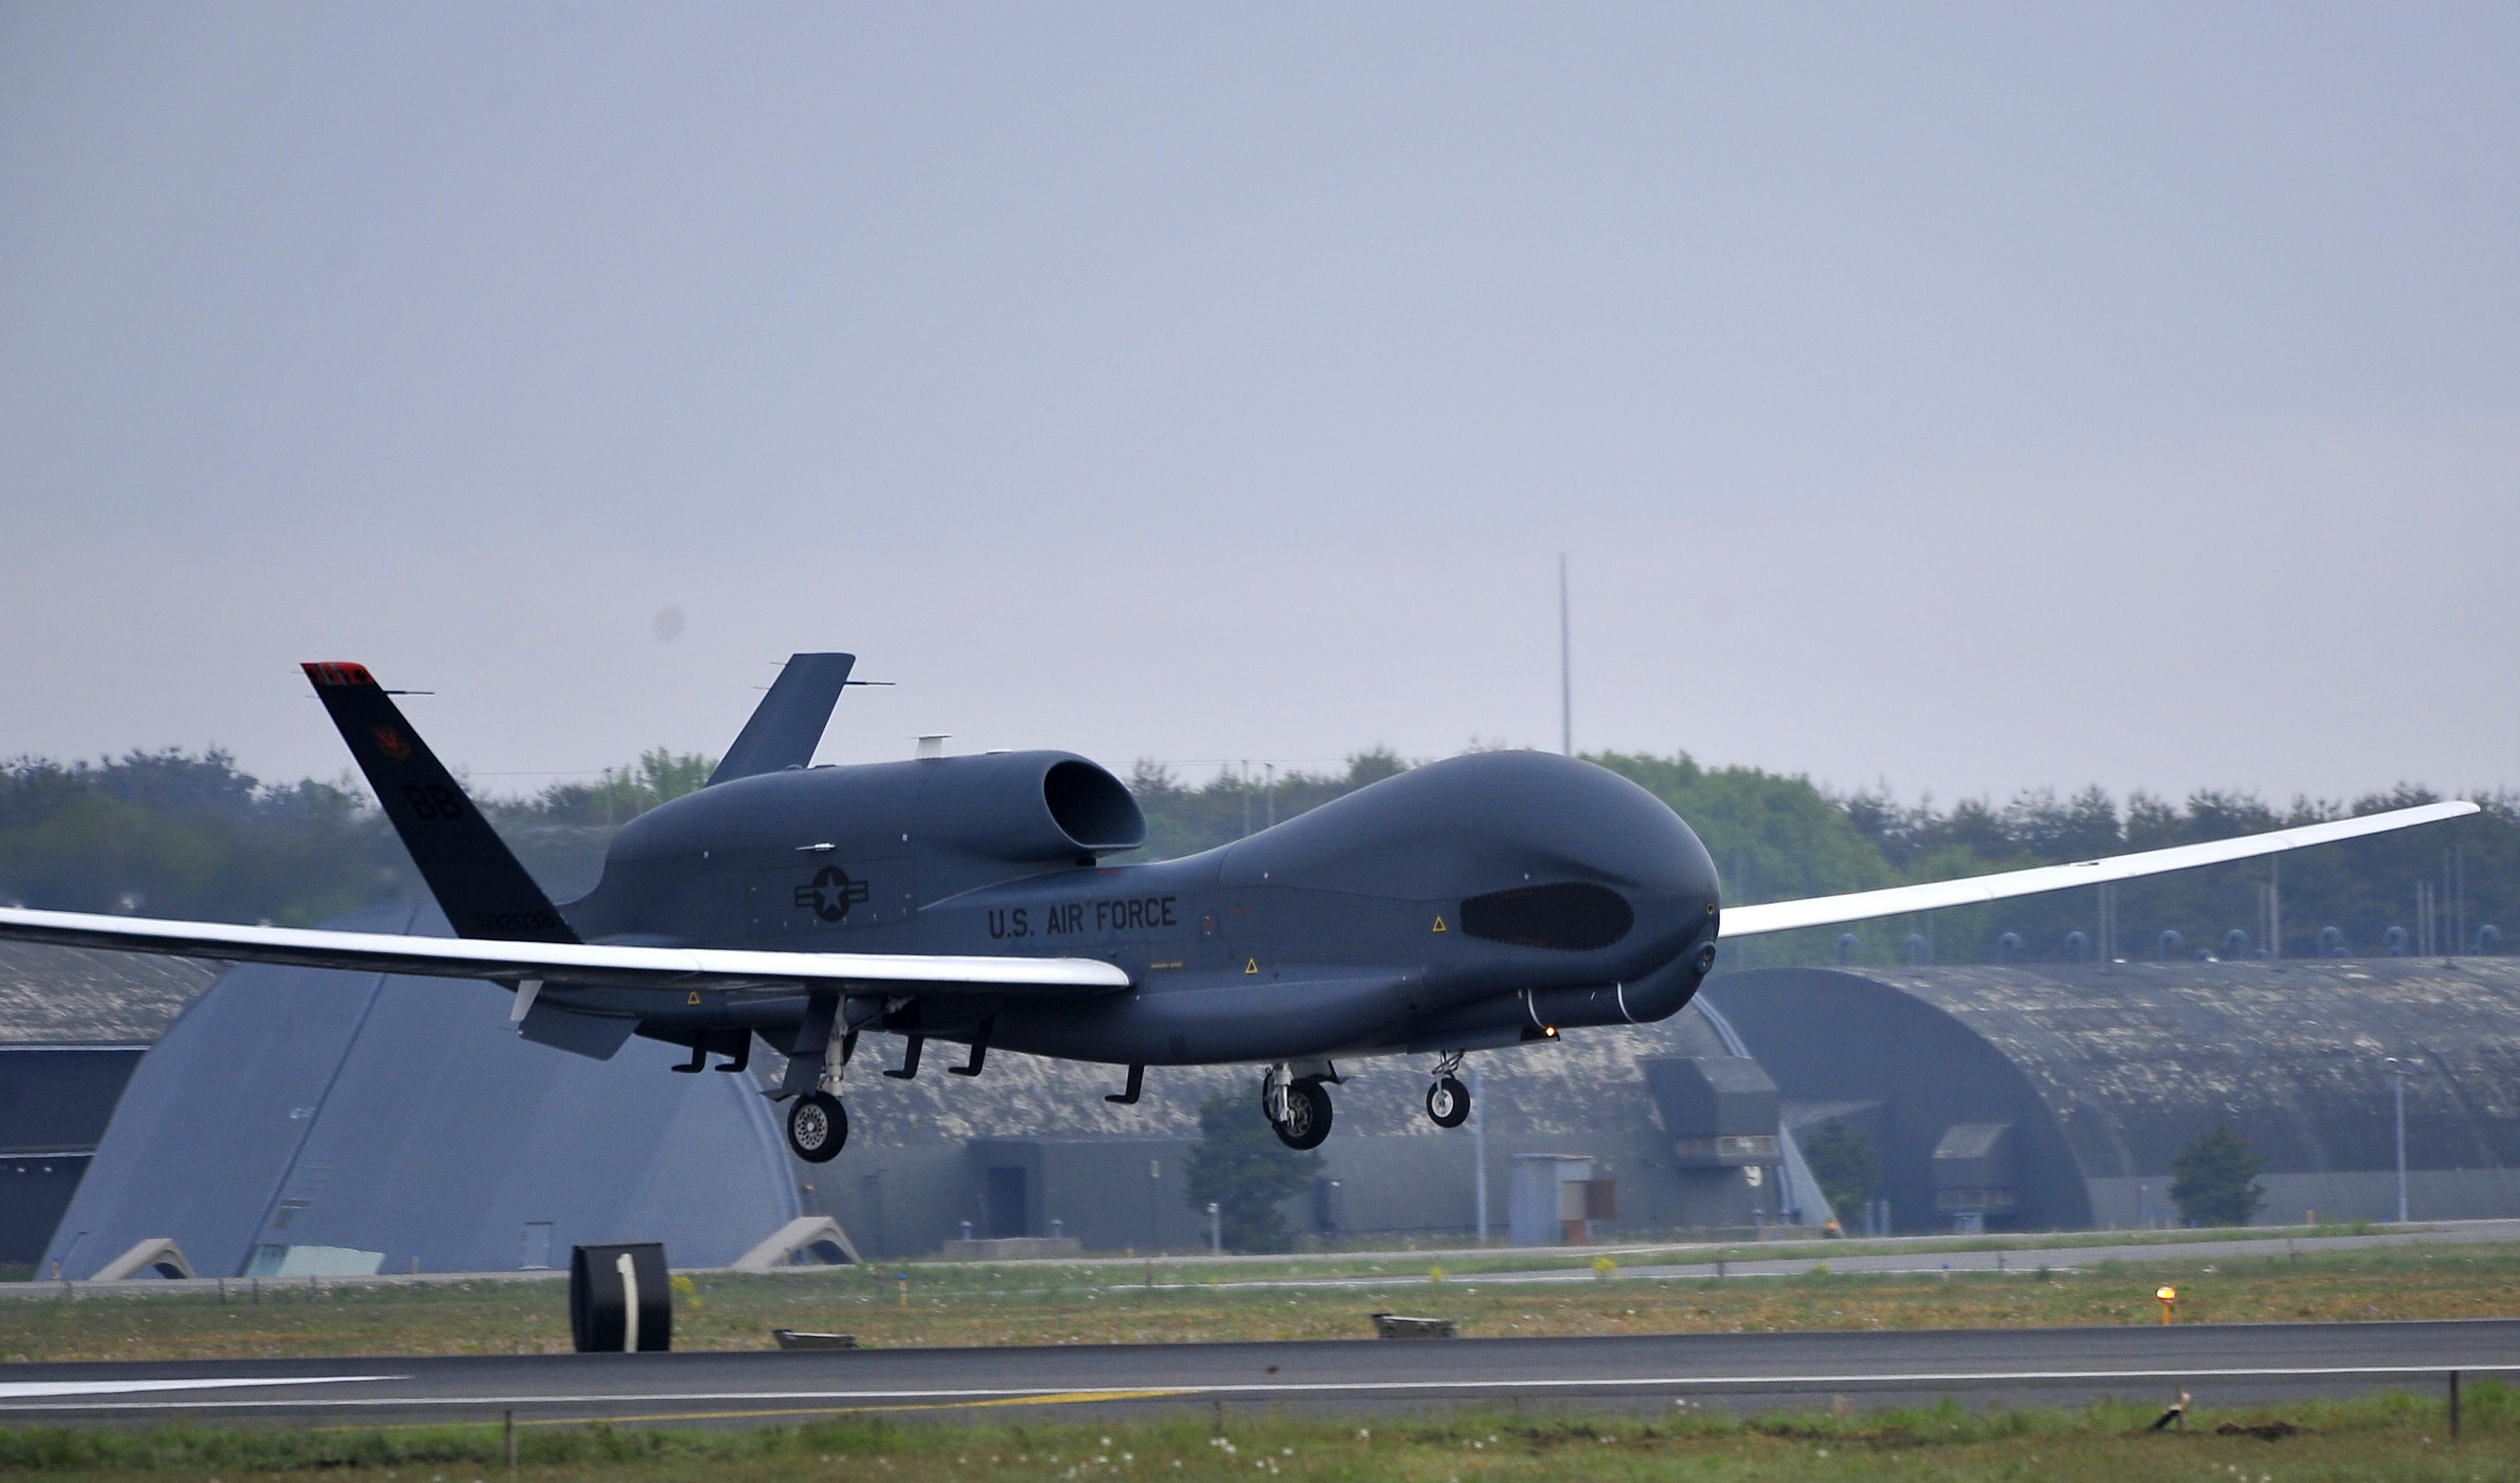 تجاوز پهپاد آمریکا؛ راهبرد عملیاتی یا خطای تاکتیکی؟